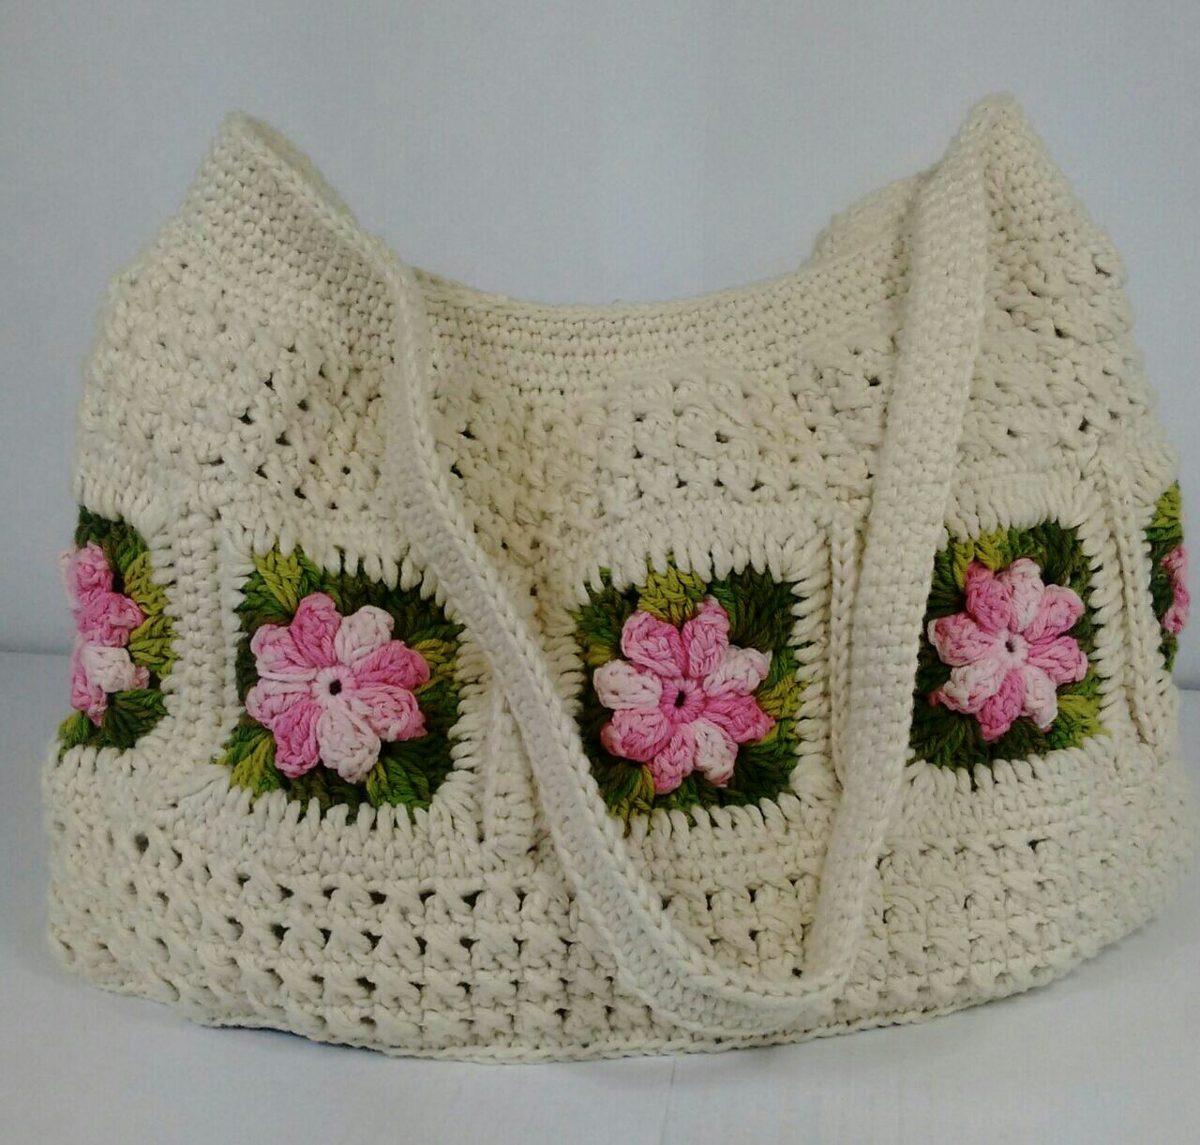 como fazer bolsa de crochê com apliques florais